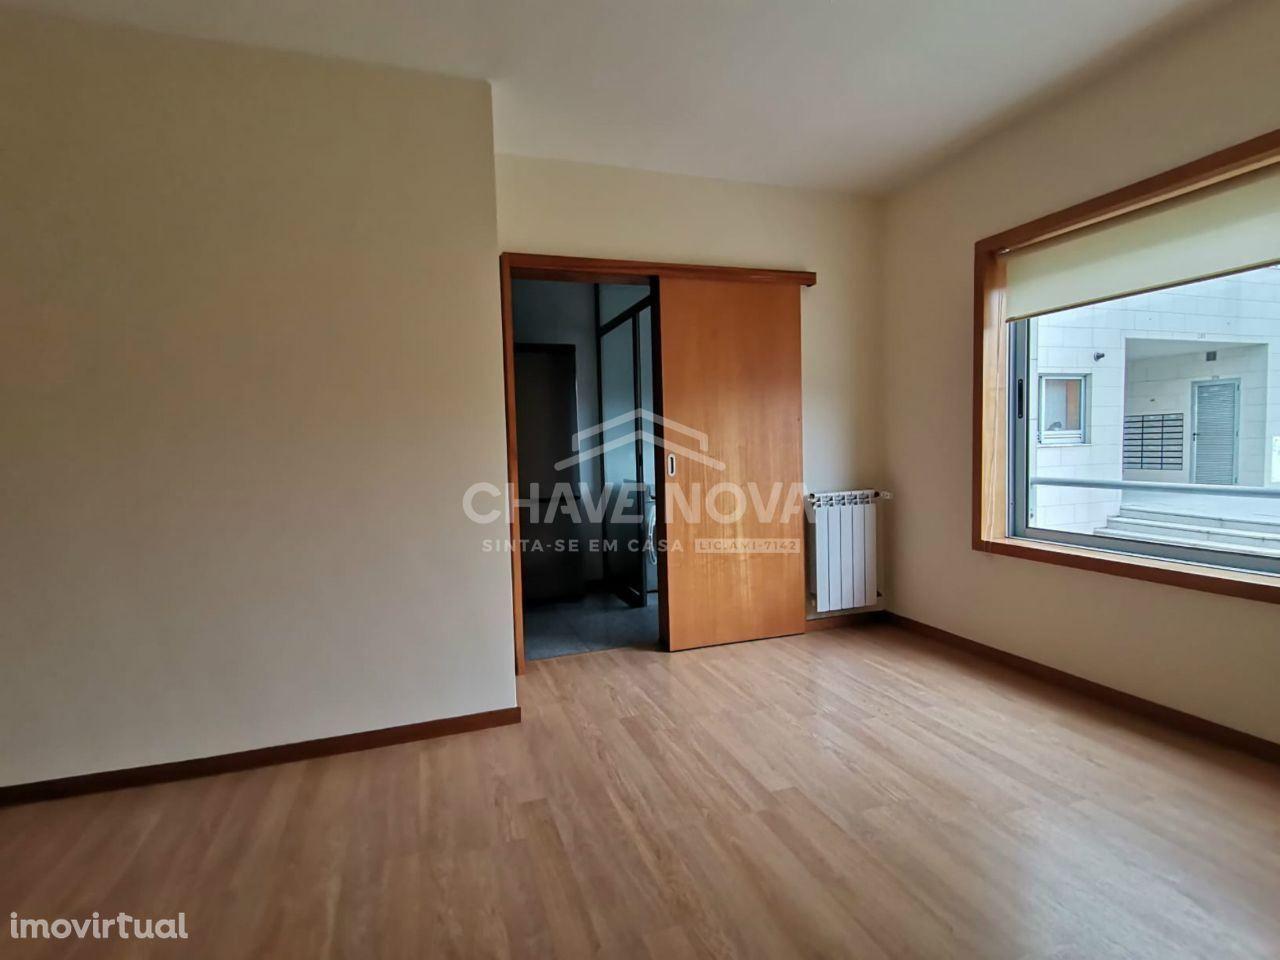 Apartamento T0 +1 - S. Mamede de Infesta